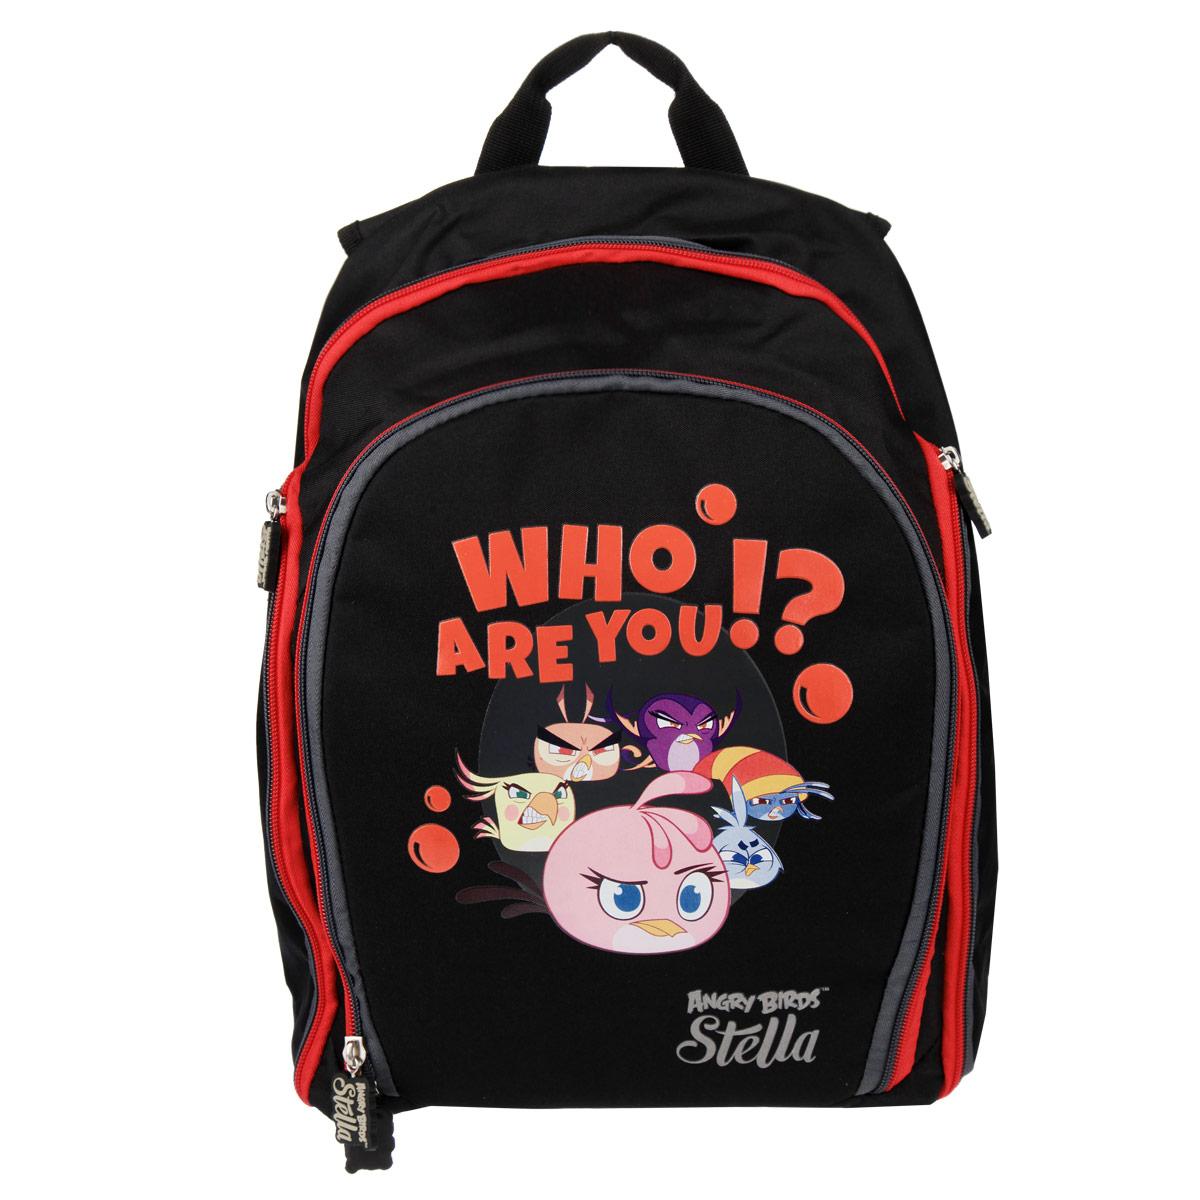 Рюкзак Action! Angry Birds Stella, цвет: черный, красный, серый72523WDСтильный рюкзак Action! Angry Birds Stella - это красивый и удобный рюкзак, который подойдетвсем, кто хочет разнообразить свои будни. Рюкзак выполнен из текстиля и оформлен аппликациями известных всем героев из игры Angry Birds. Изделие оснащено двумя отделениями, закрывающимся на застежки-молнии. Одно из отделений оснащено сетчатым карманом на резинке и пятью накладными карманами для принадлежностей. По бокам рюкзака расположены карманы на застежках-молниях с сетчатыми вставками внутри. Благодаря уплотненной простроченной спинке и мягким плечевым ремням, регулирующимся по длине, у вас не возникнет проблем с позвоночником. Также рюкзак оснащен текстильной ручкой, для удобной переноски.Гарантия: 30 дней.